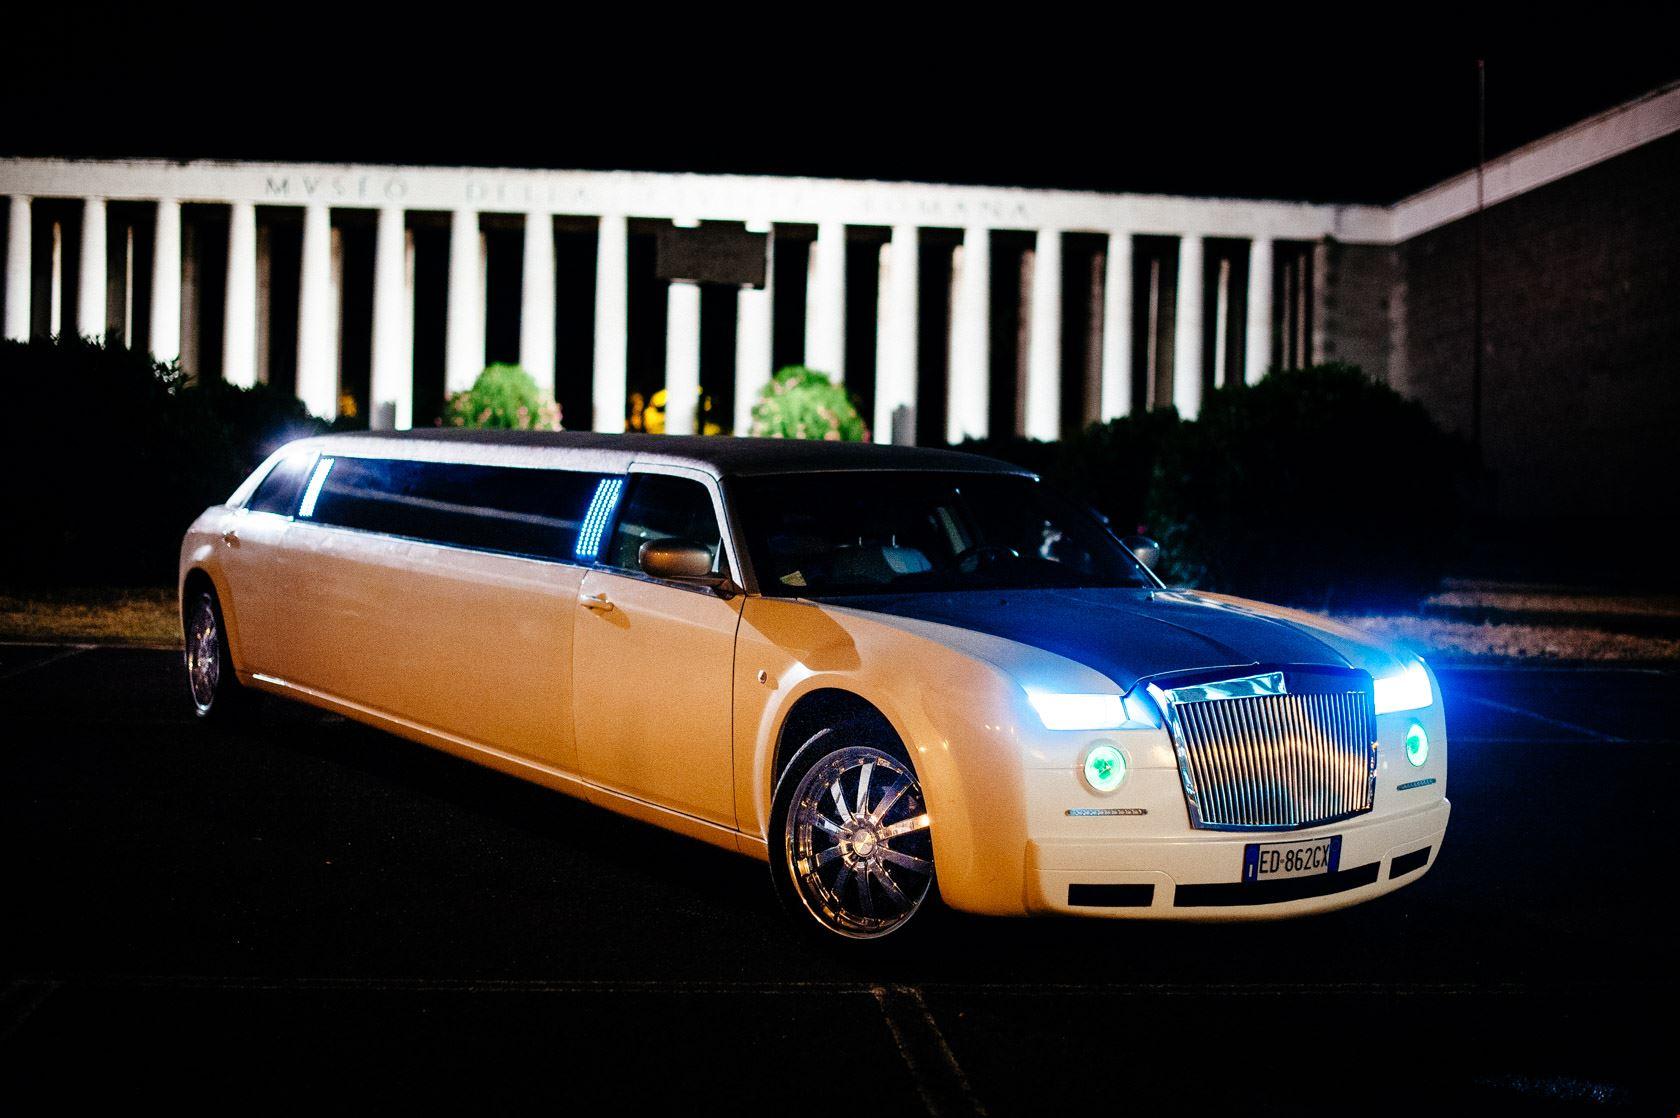 Chrysler Phantom limousine